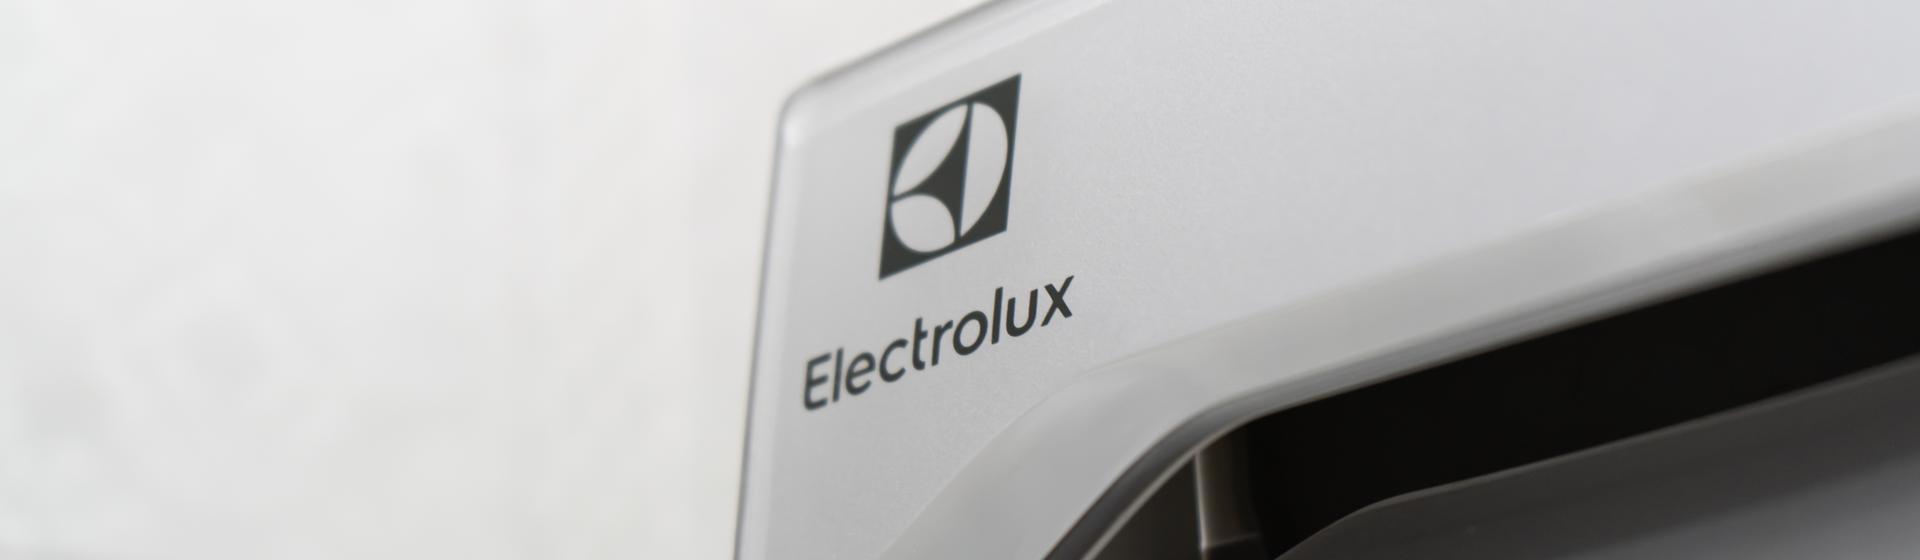 Geladeira Electrolux TF55: veja análise da ficha técnica e preço